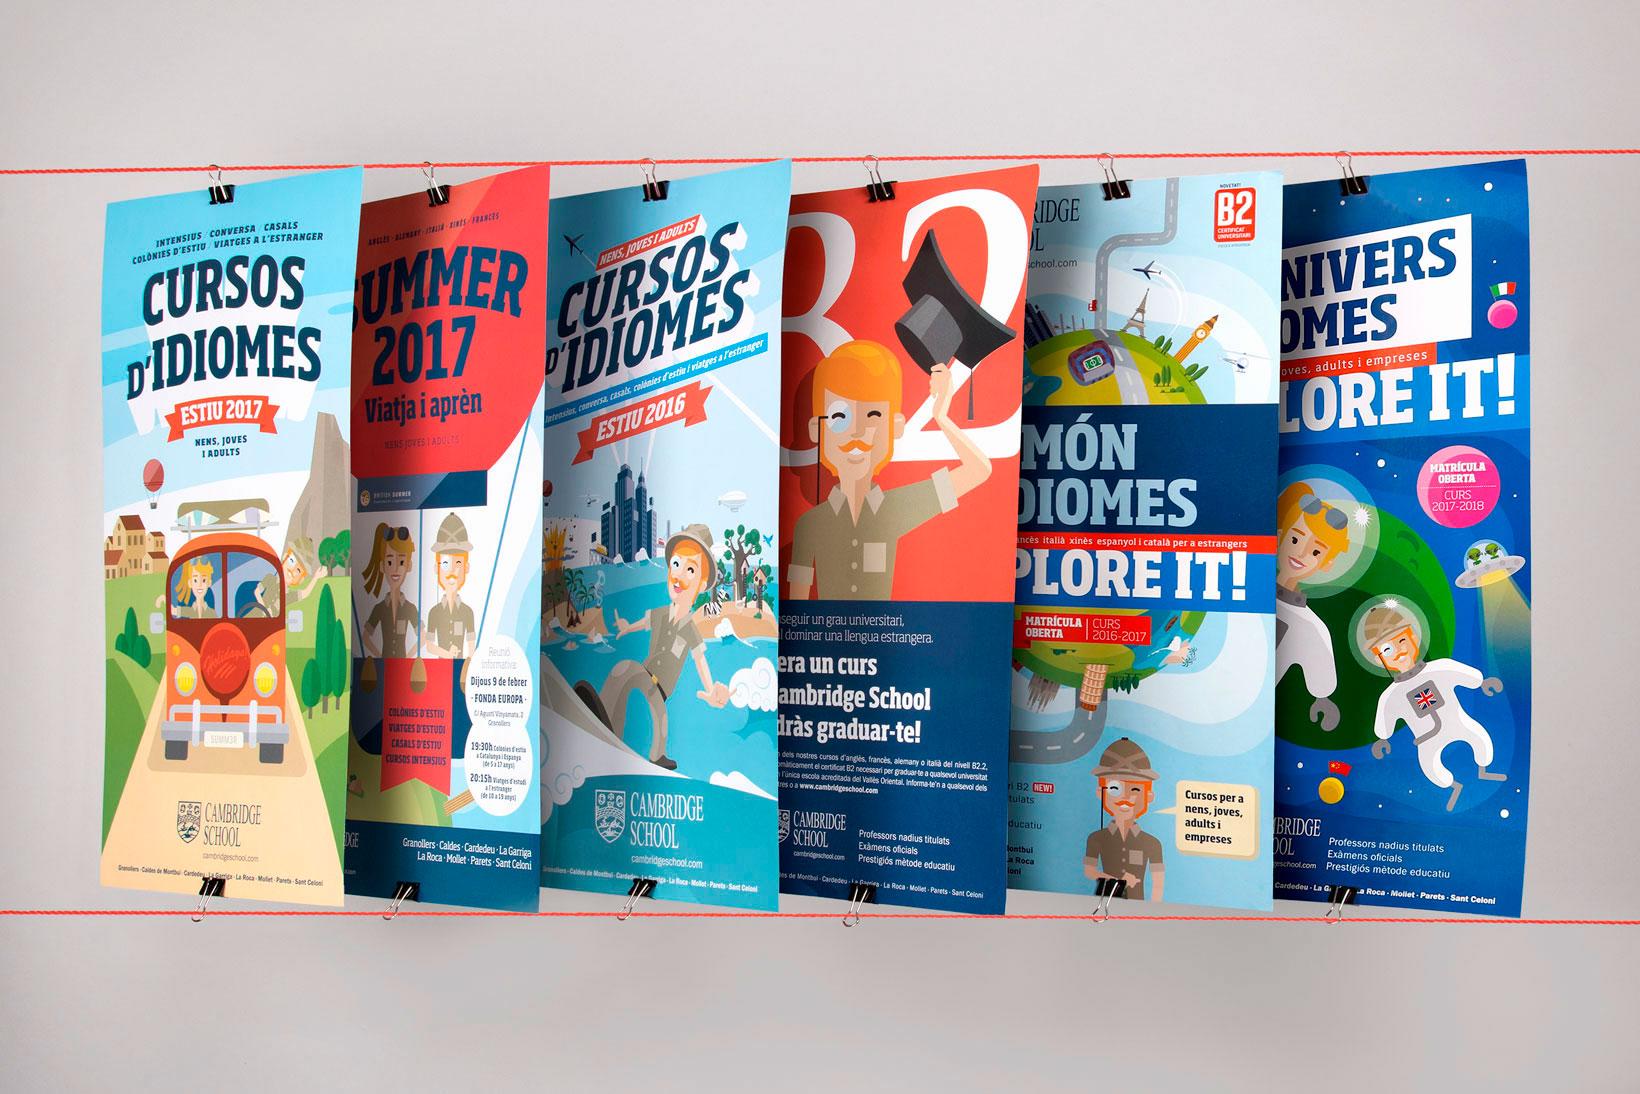 Cambridge School idiomas academia de inglés branding comunicación gráfica ilustración póster Vibranding